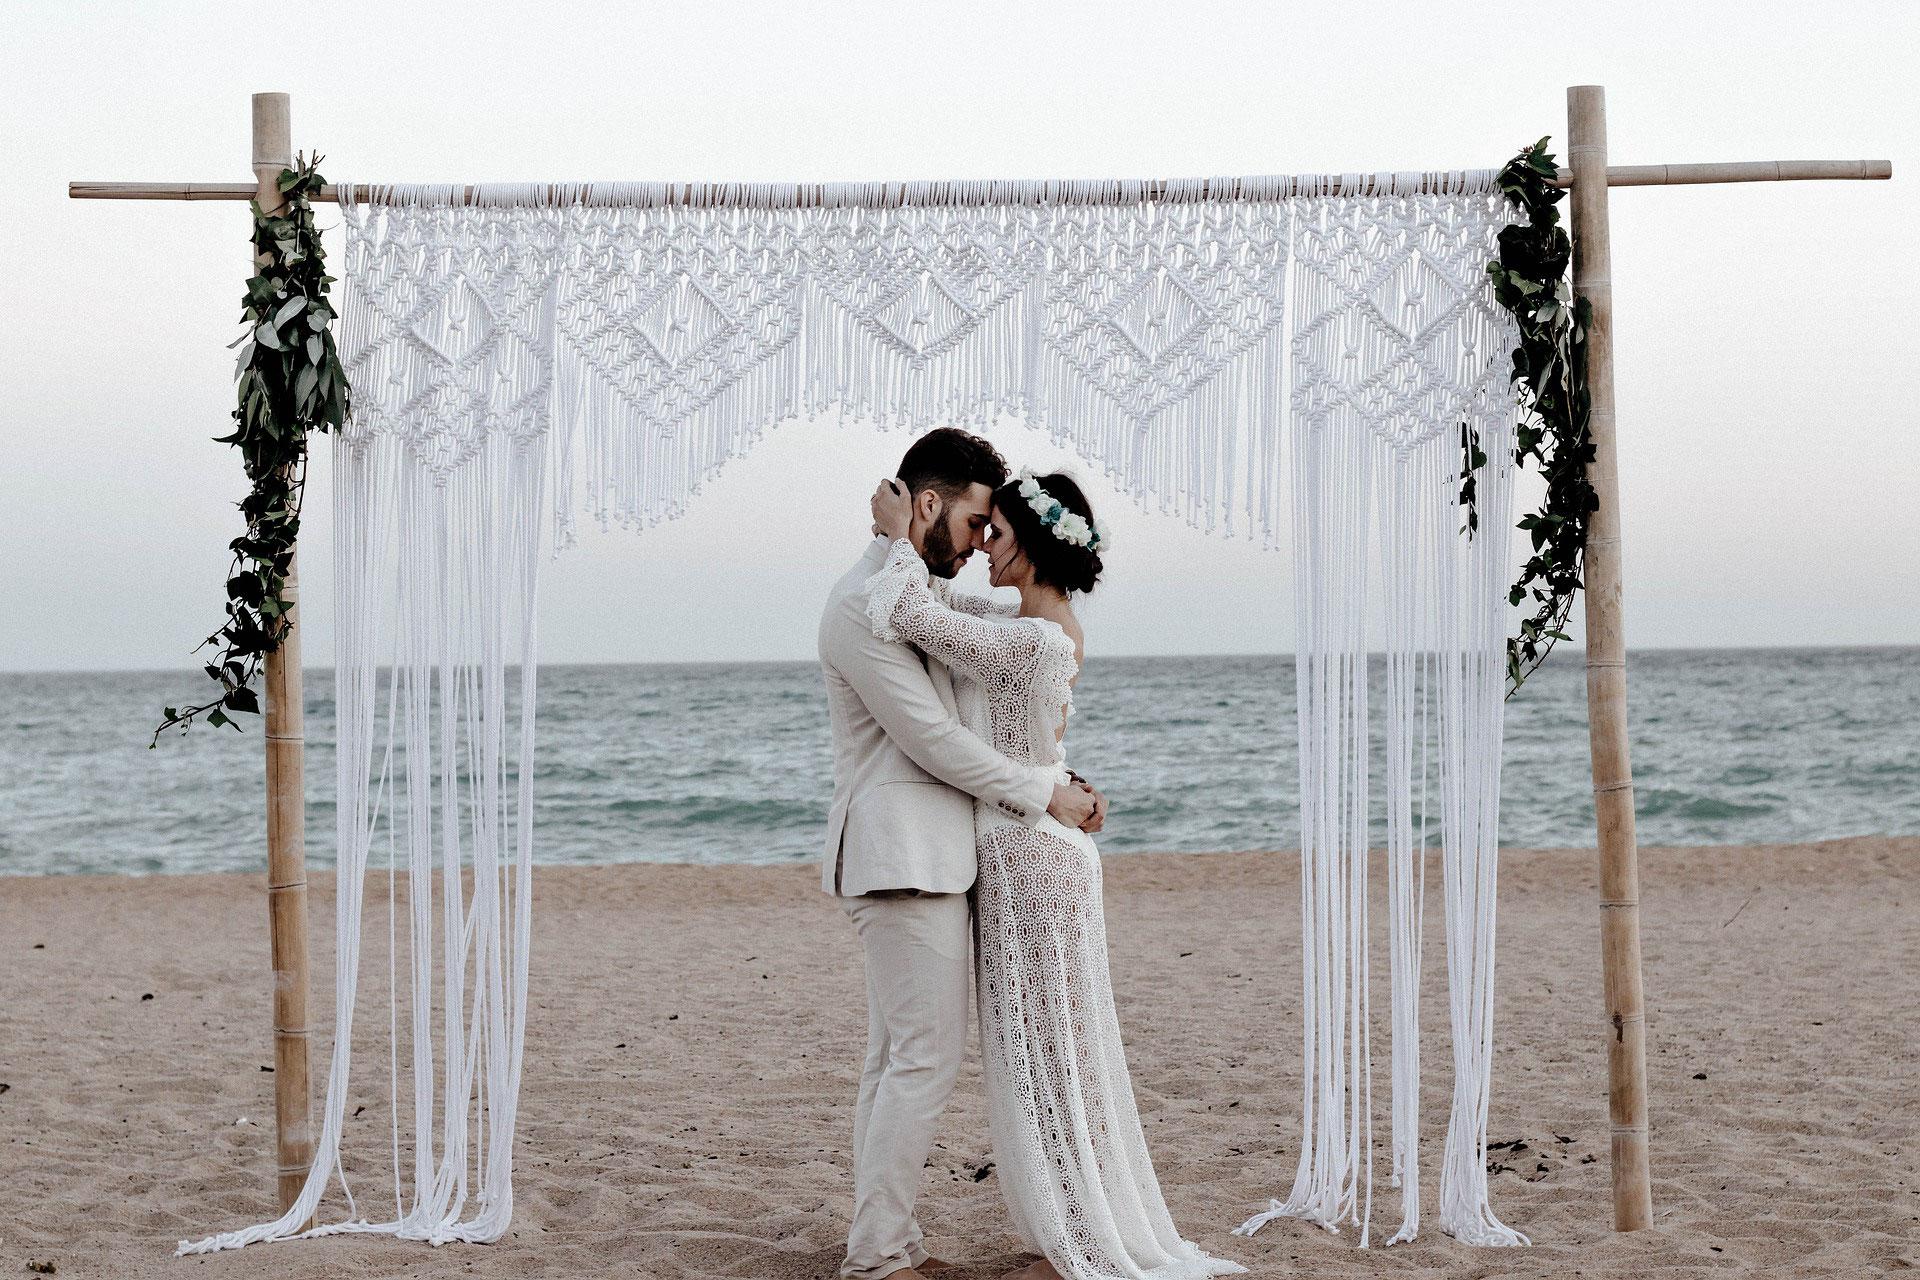 Ideen eheversprechen Eheversprechen: So